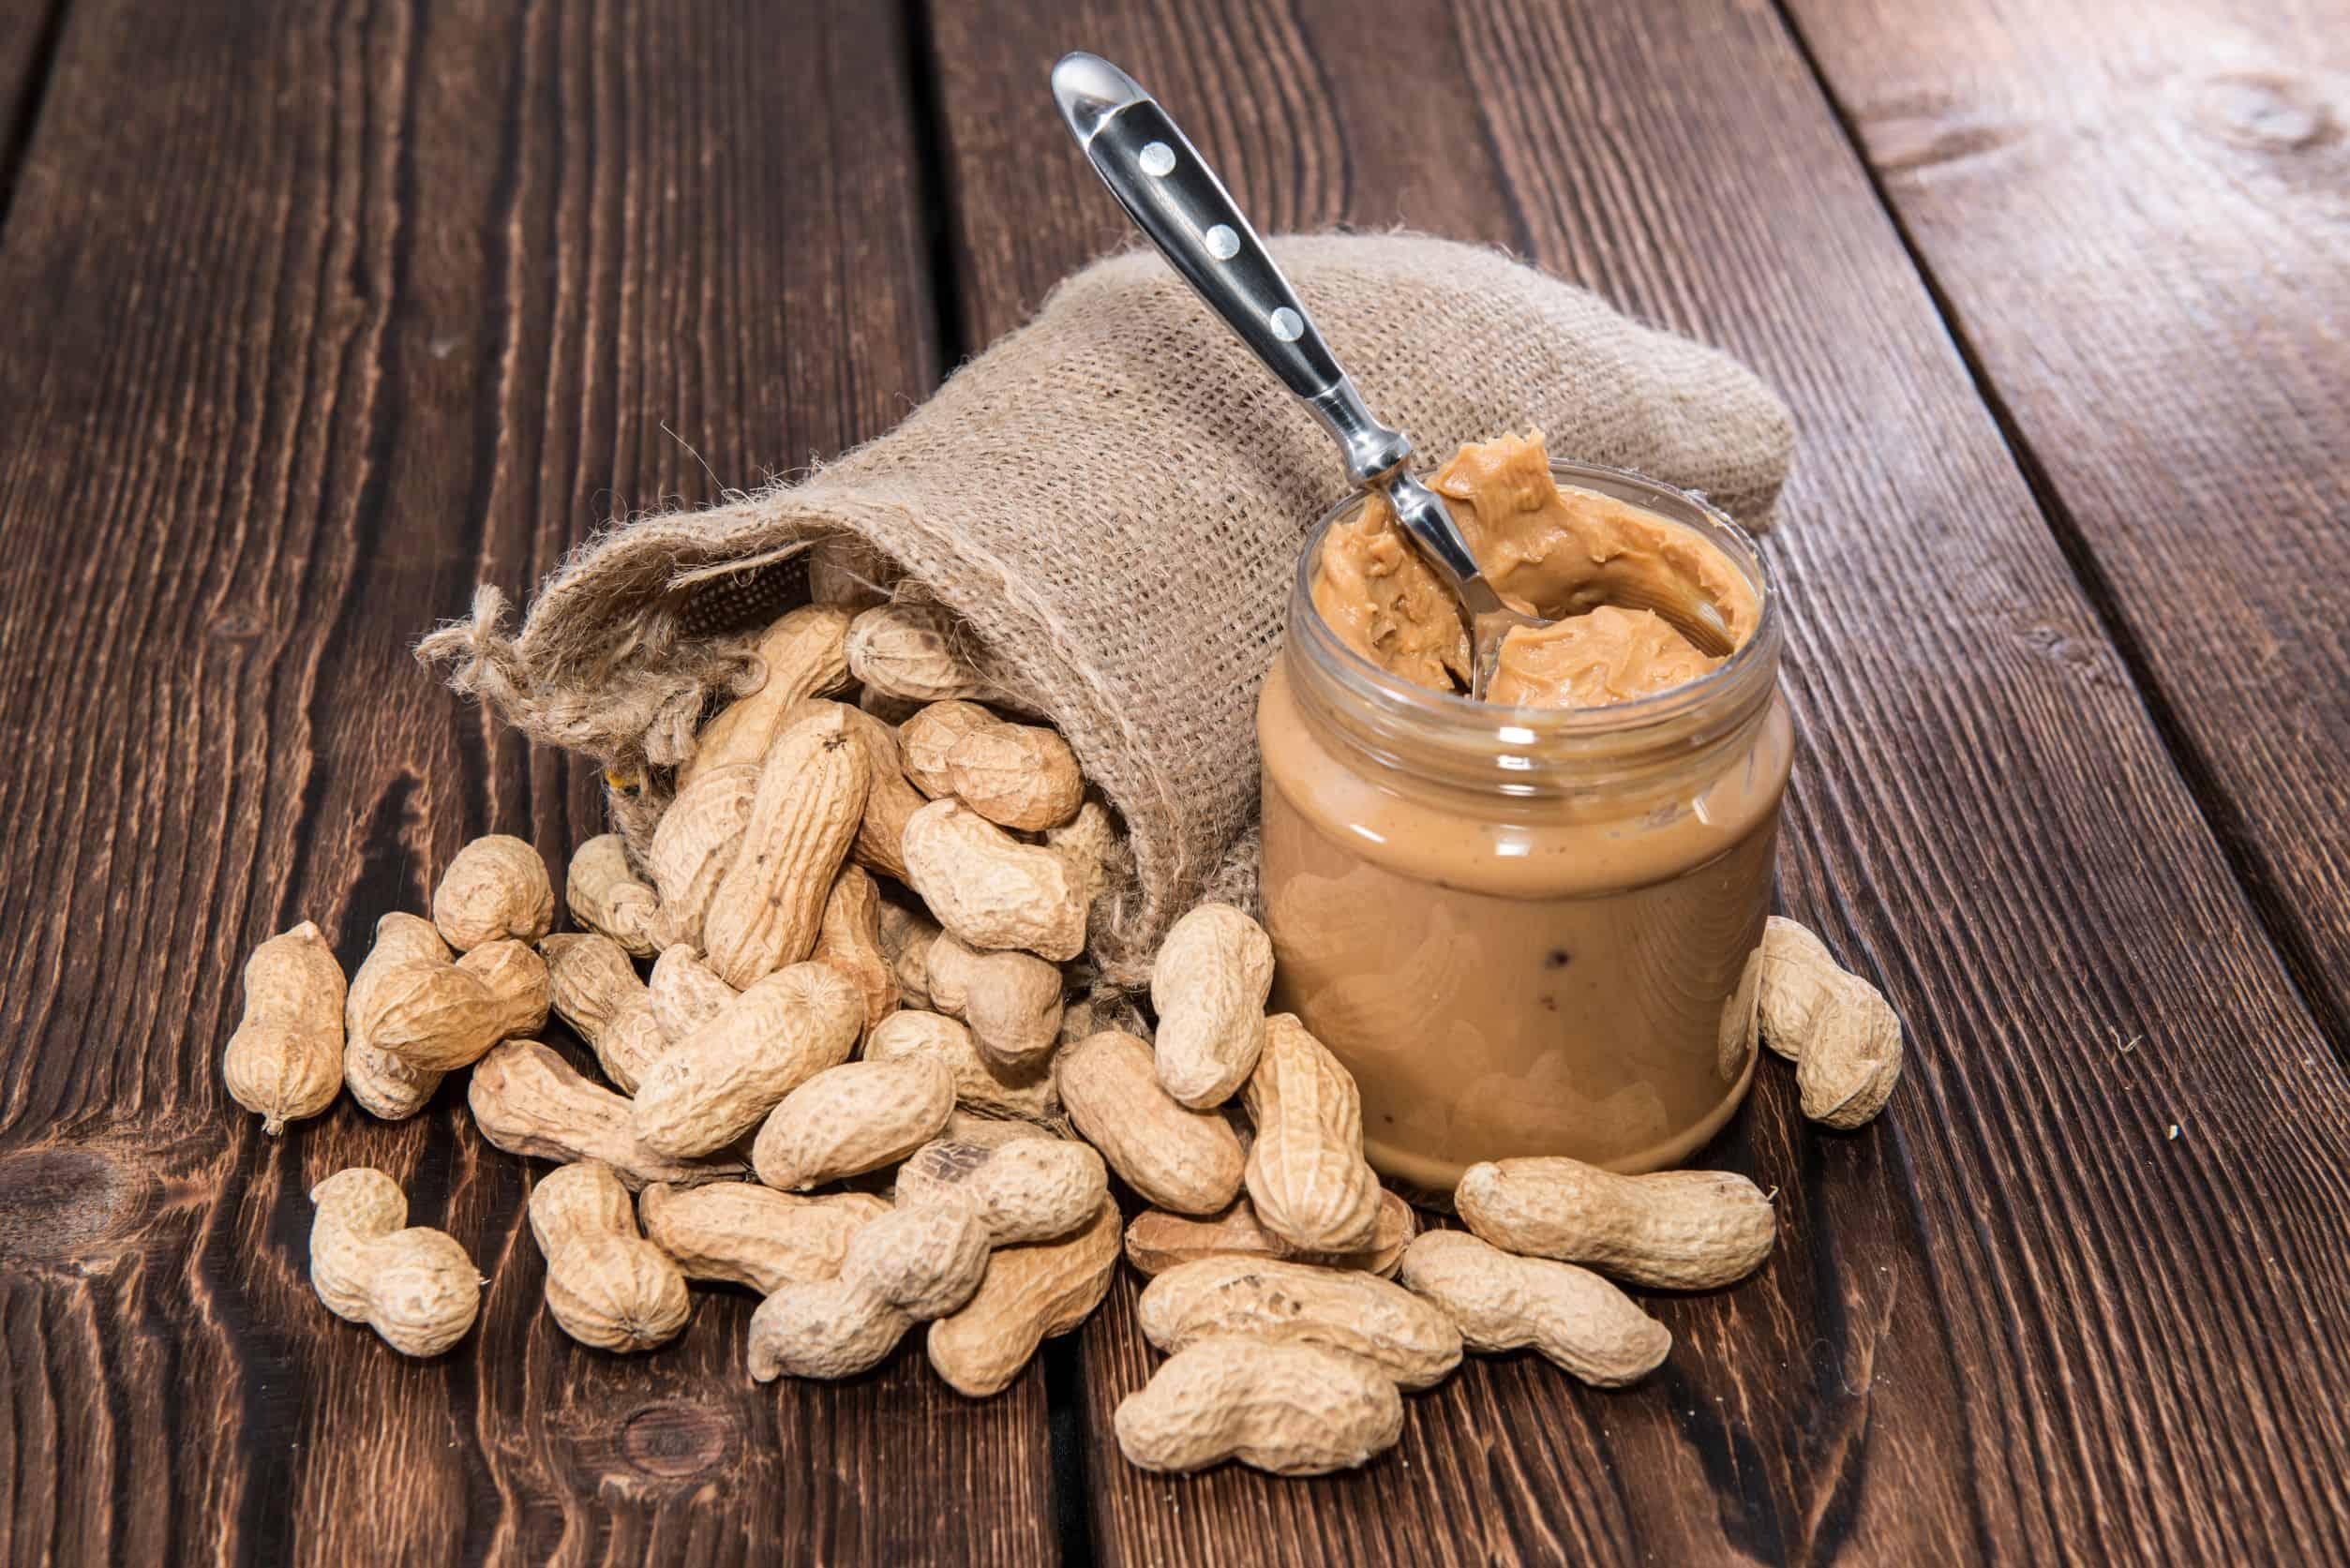 Crema de cacahuate: ¿Cuál es el mejor del 2020?